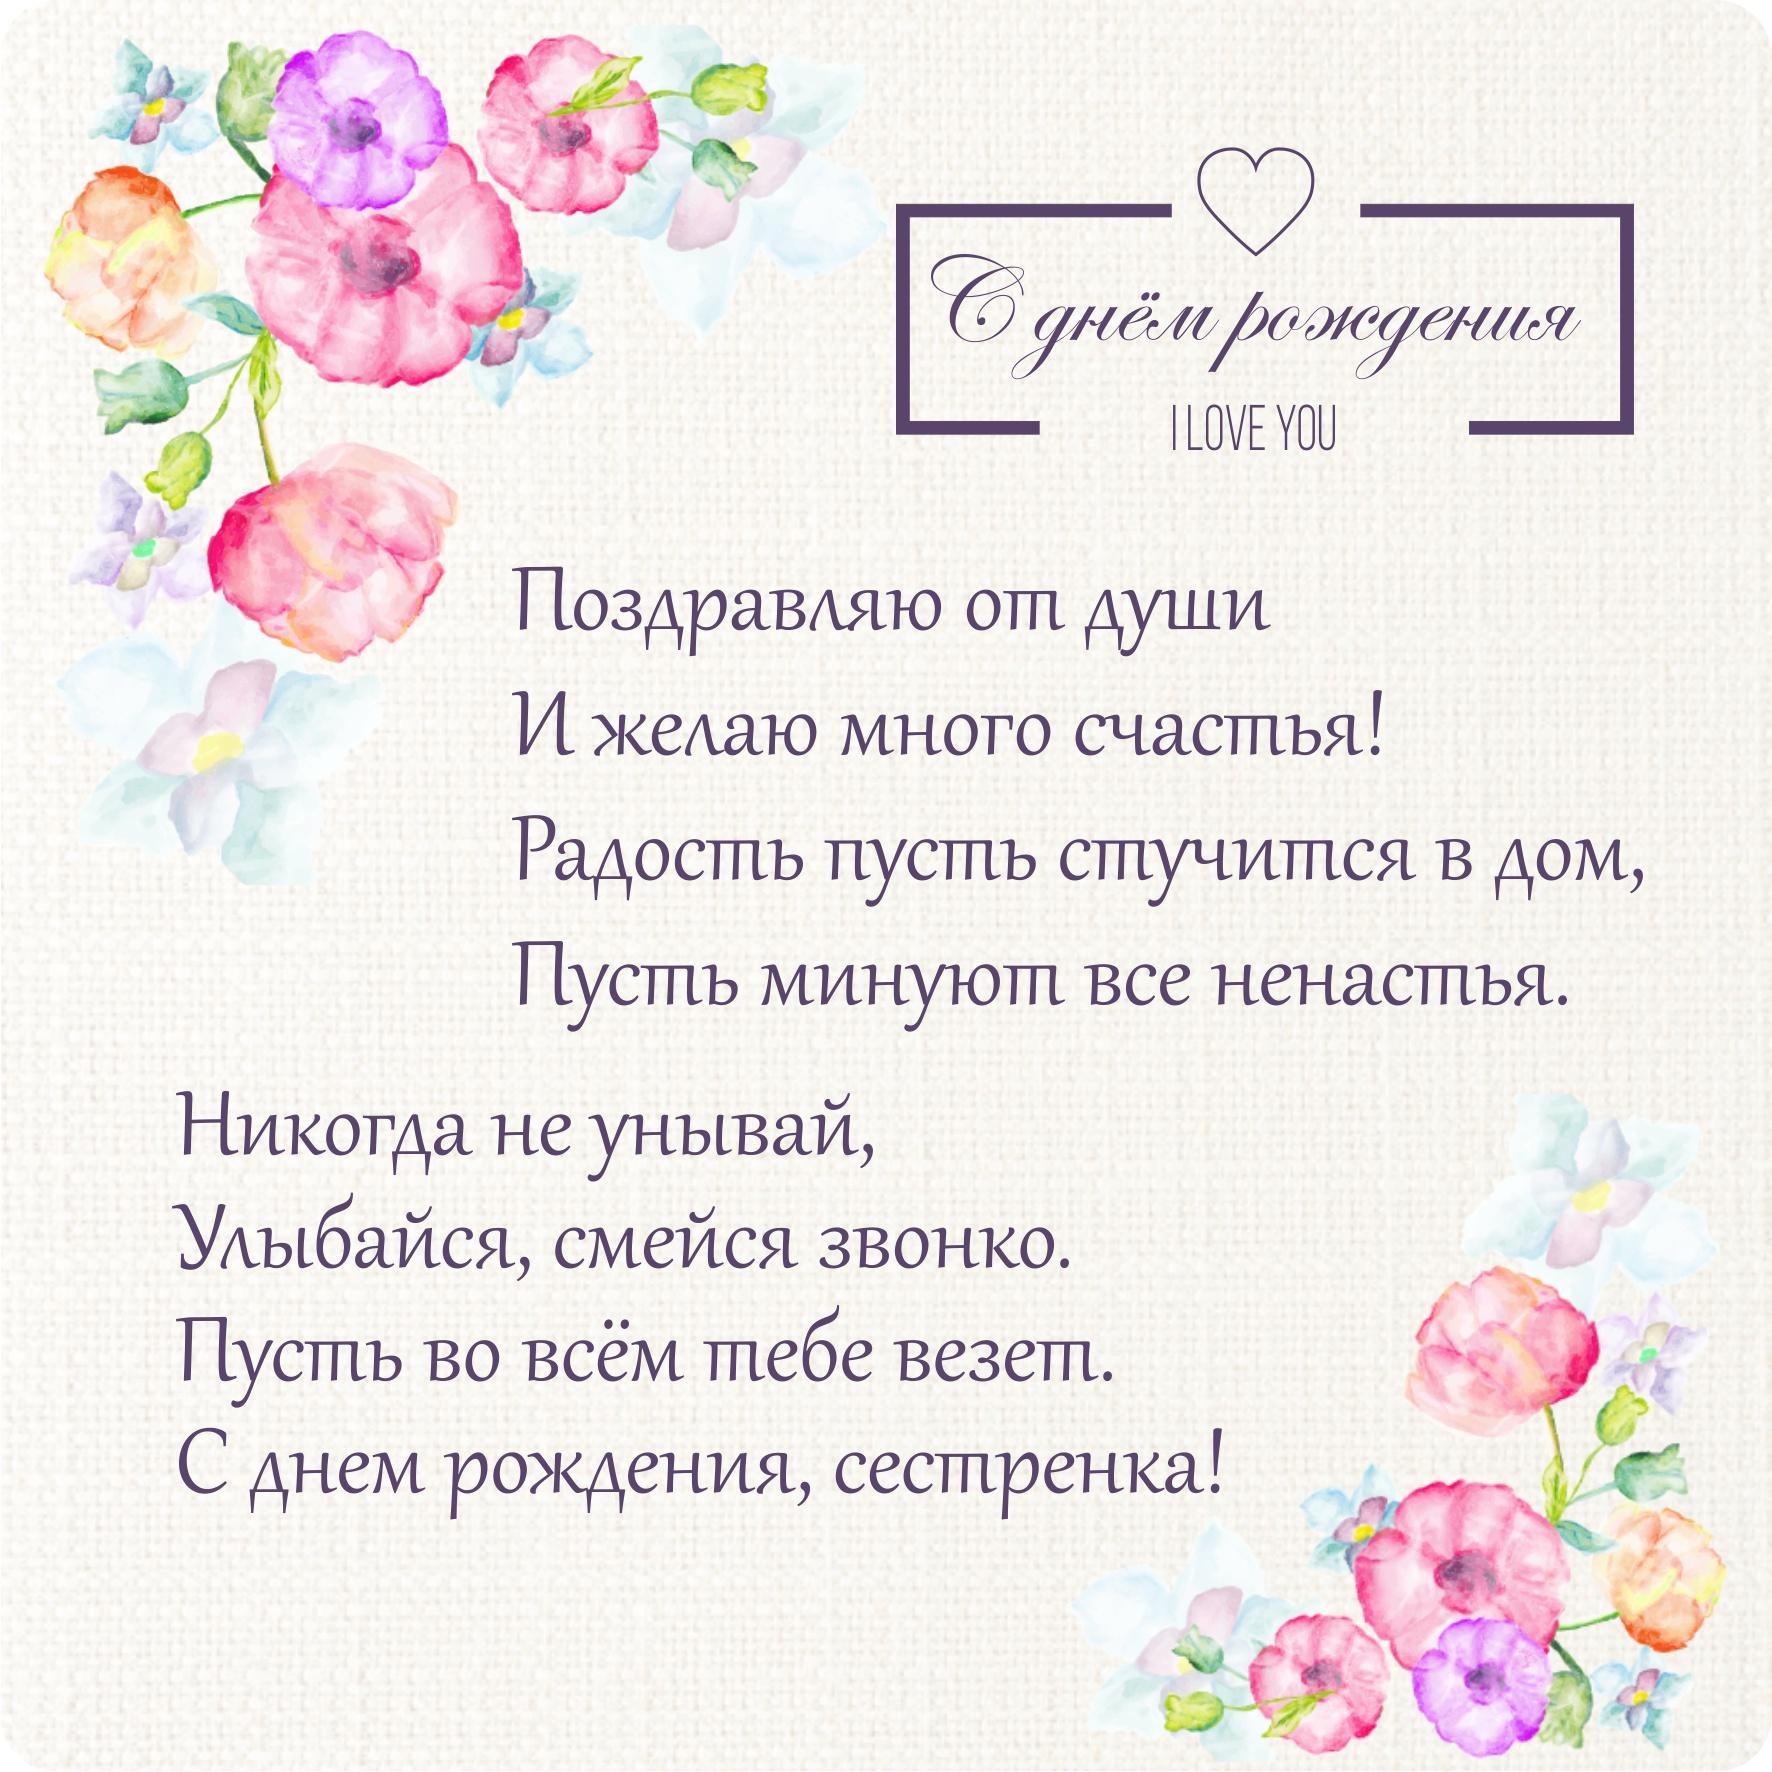 Поздравления с днем рождения тете - Поздравок 57